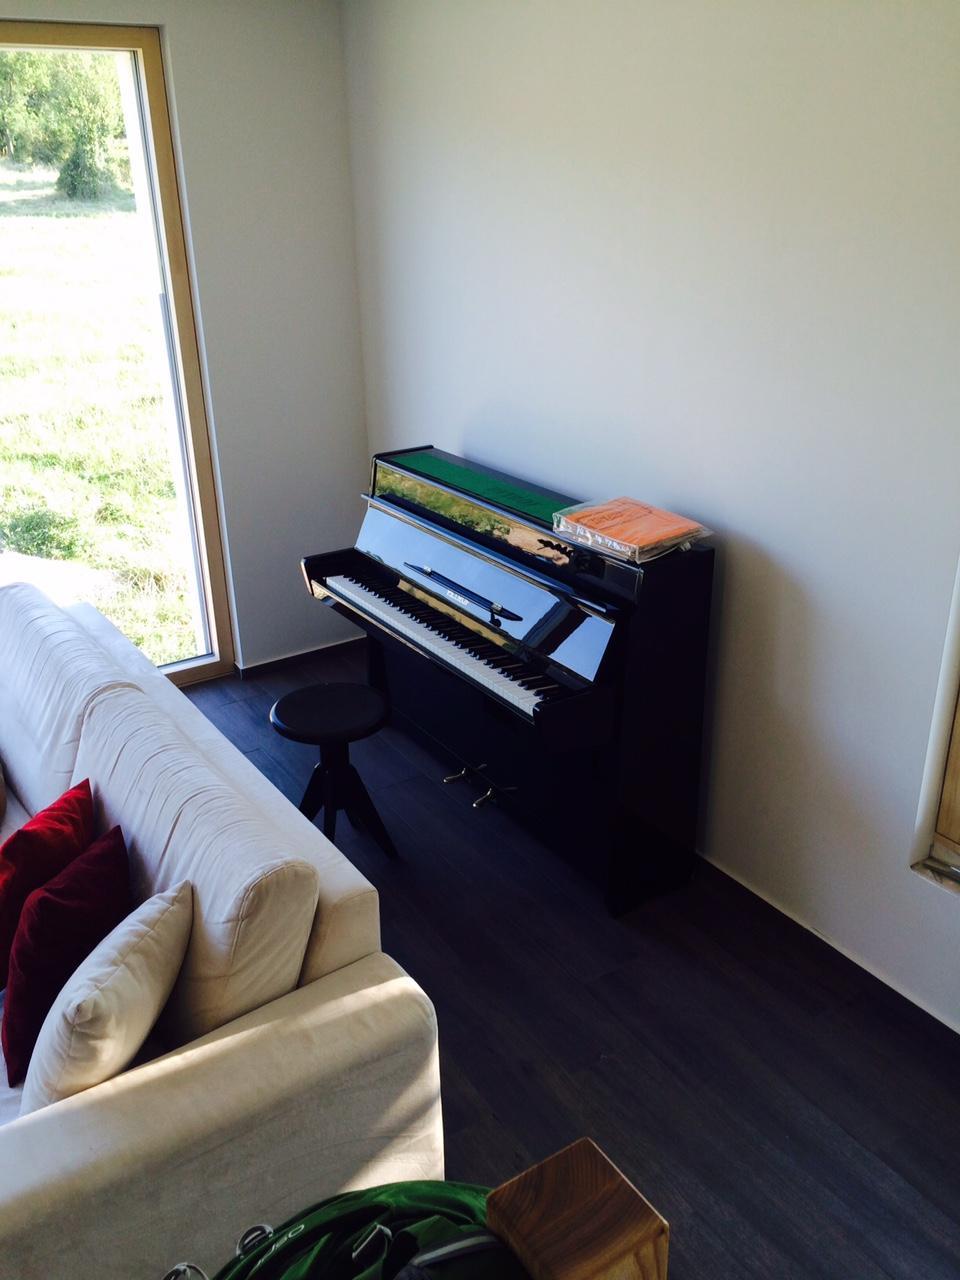 """Sedliacky dom, alias naša """"sýpka"""" - a dorazil  uz aj moj svadobny dar od rodicov (""""zober si ho nech nam tu nezavadzia"""") - piano, ktore mam uz 31 rokov! okolo neho bude kniznica obstavana."""